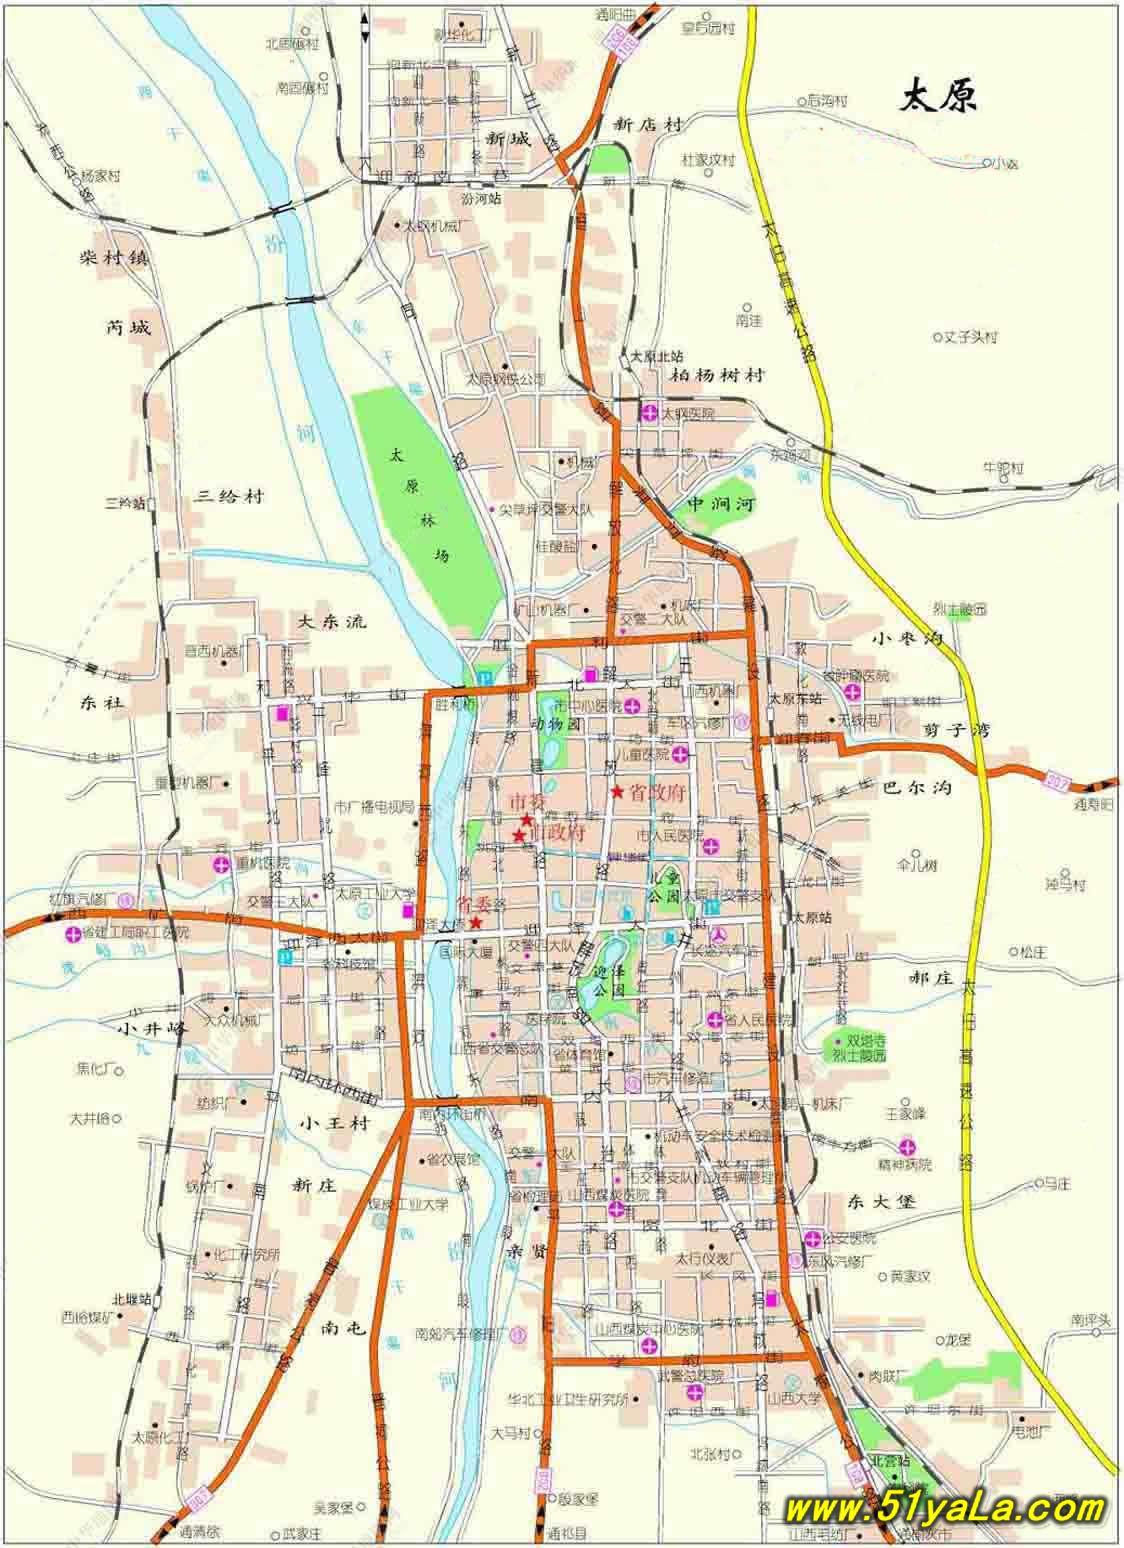 太原市地图 太原市卫星地图 太原市 高清航拍-太原地图 太原地图最新